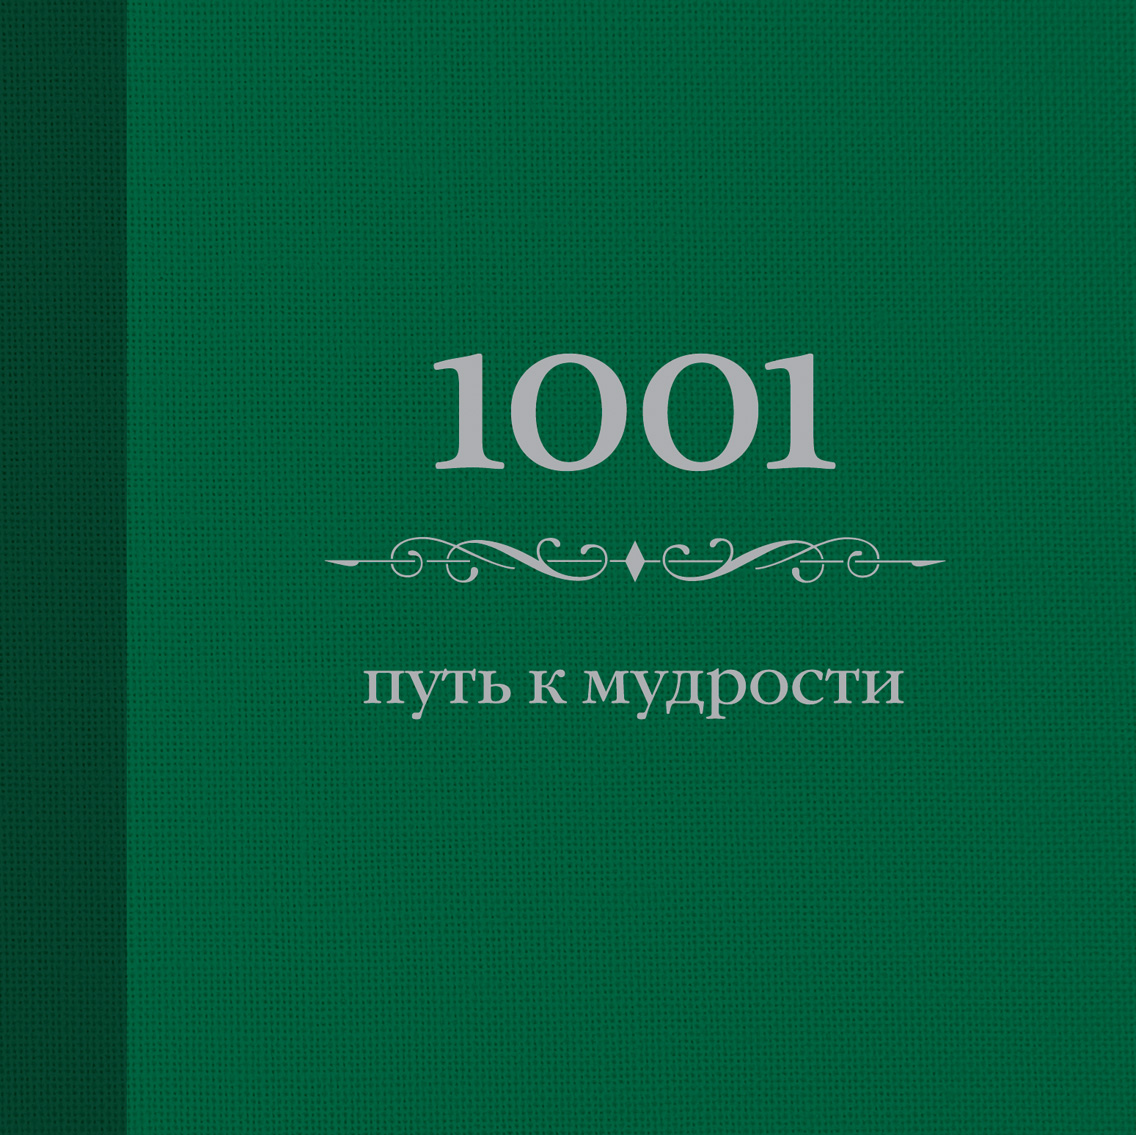 1001 путь к мудрости (цвет) (Подарочные издания. Психология)